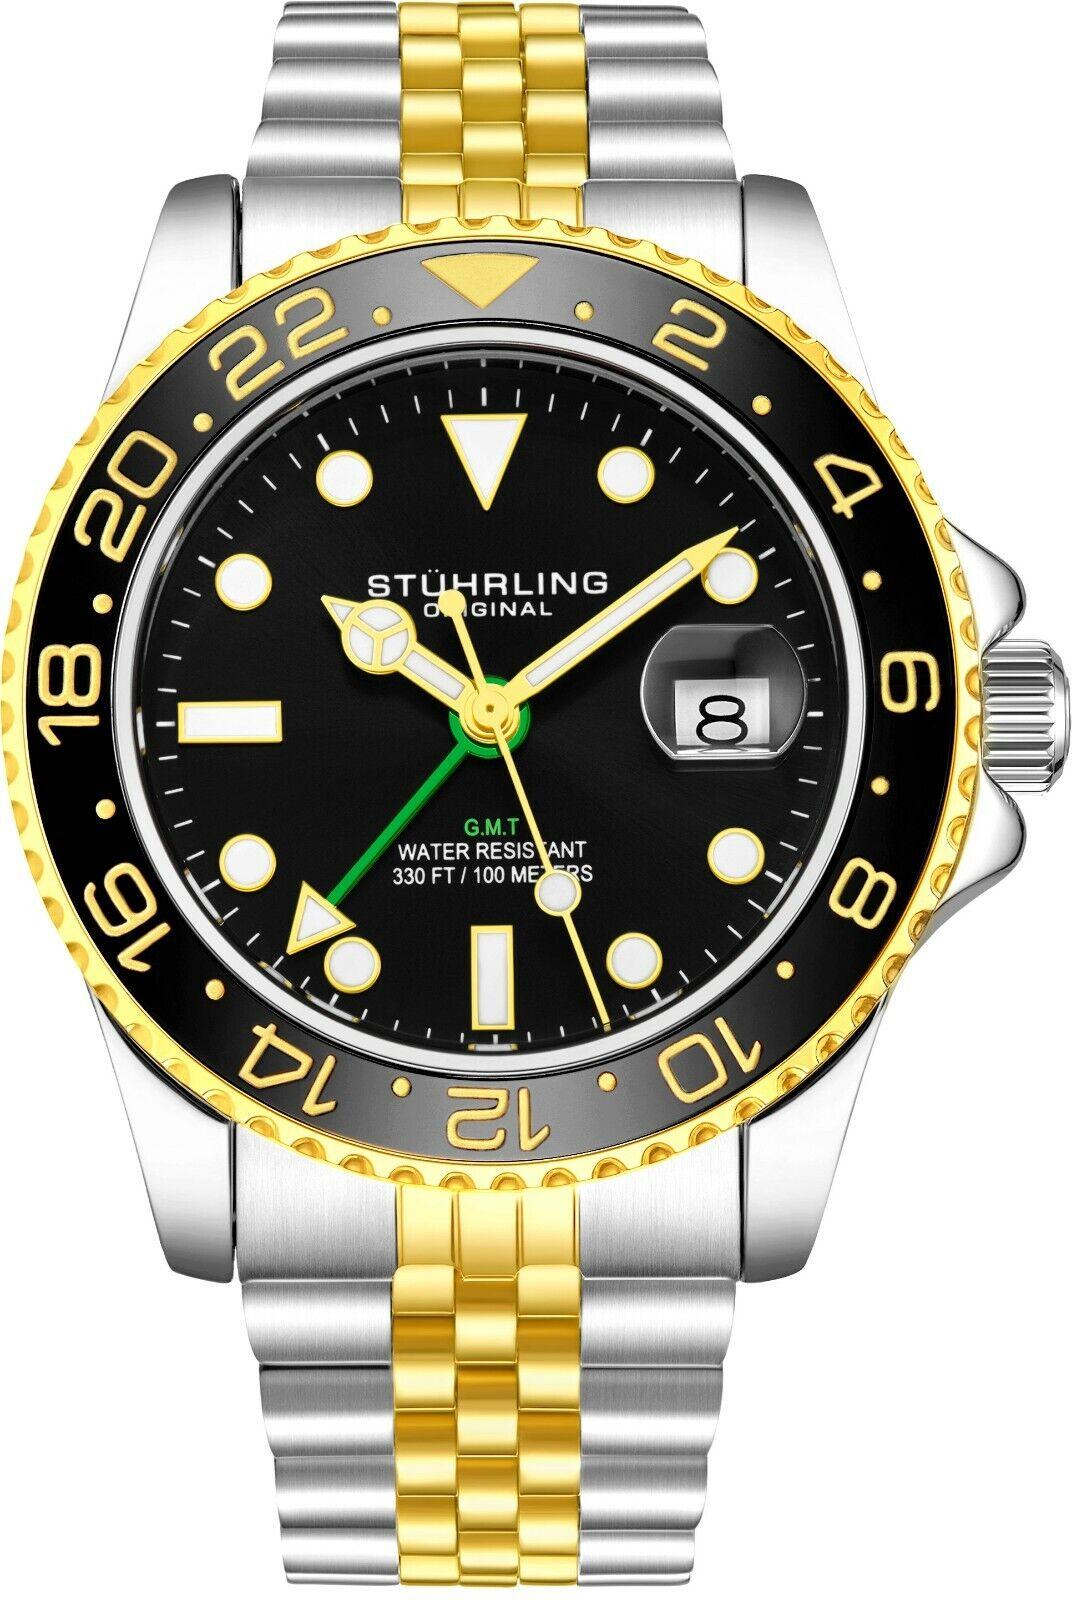 Stuhrling Aqua-Diver 3968 Suisse Quartz Homme 2 Tons Cadran Noir Bracelet Montre